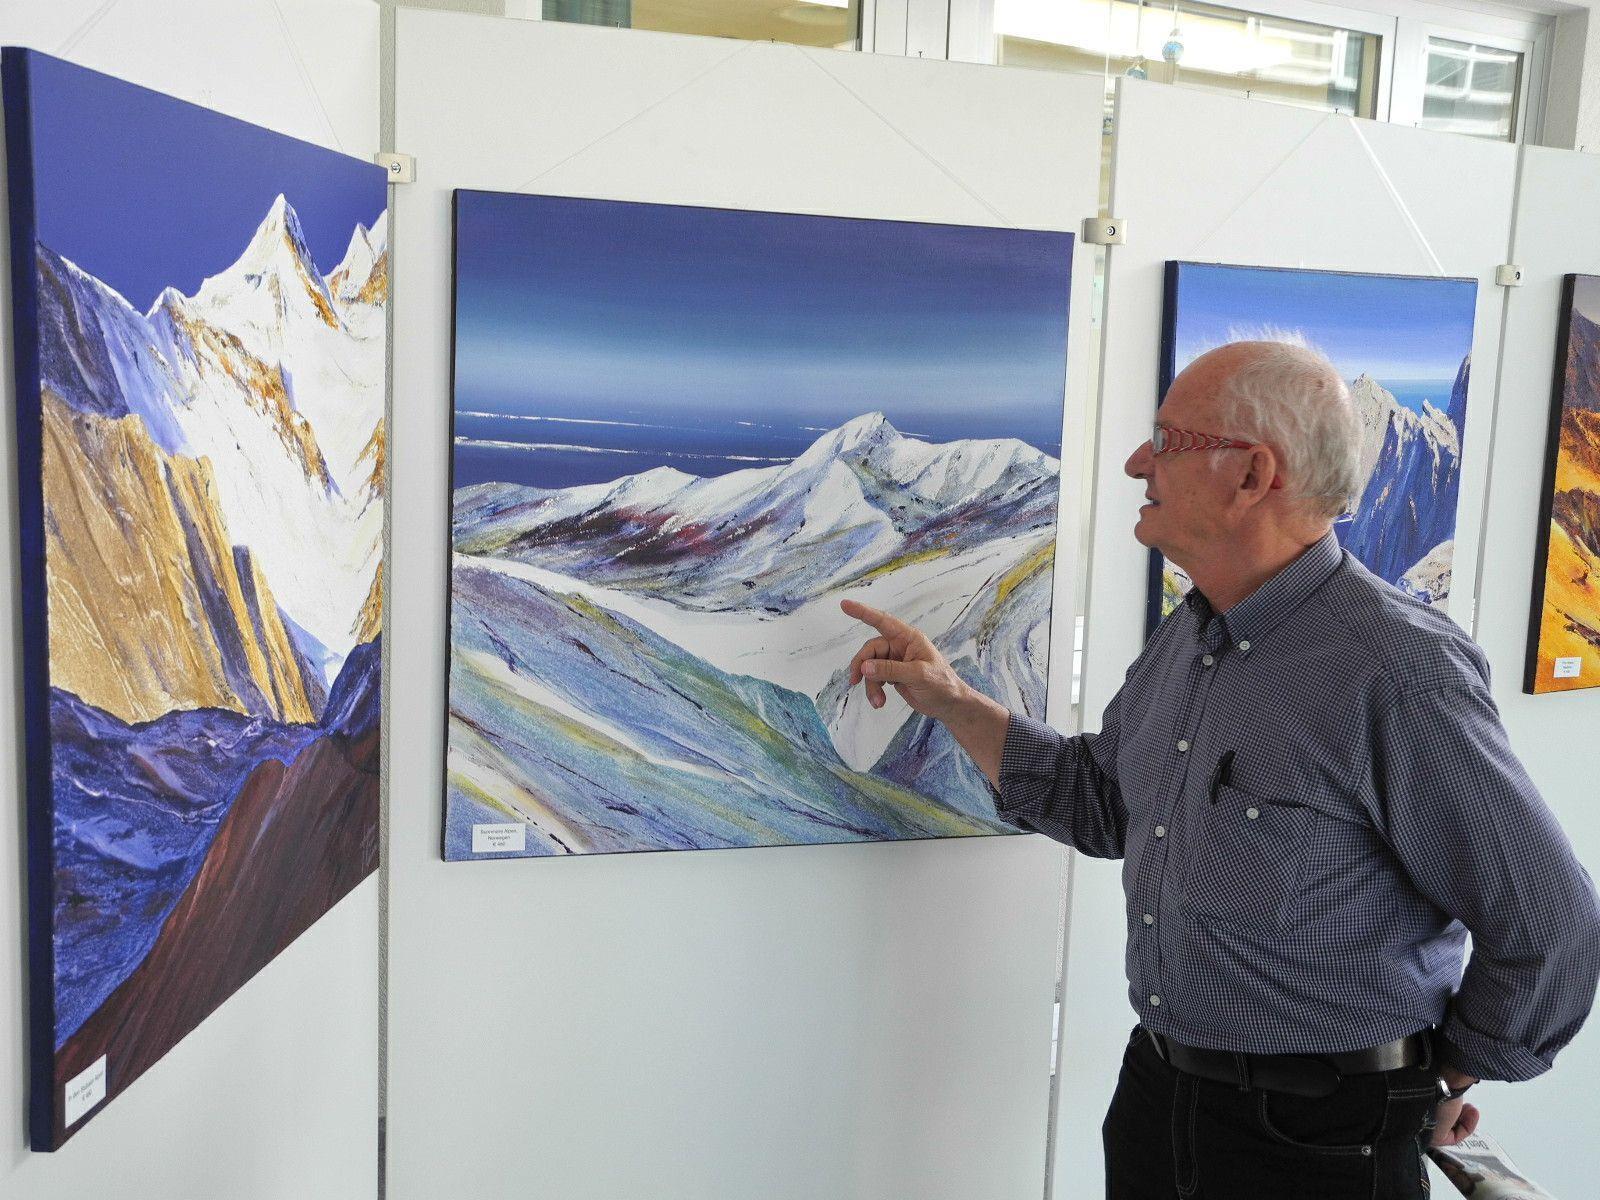 Ein begeisterter Besucher der Ausstellung im LKH